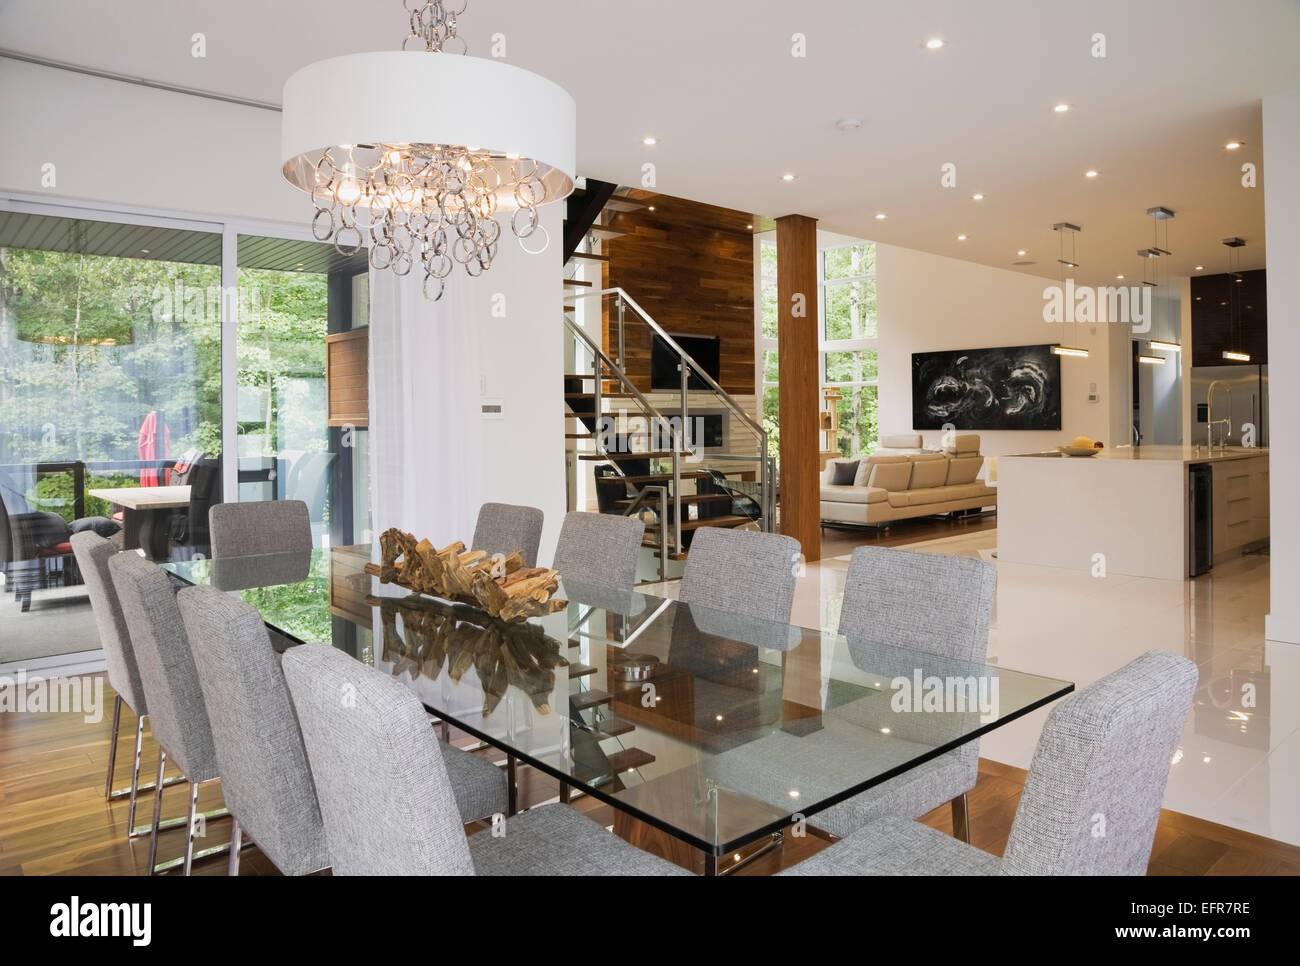 Design Interieur Moderne Bateau Plan Ouvert Salle A Manger Avec